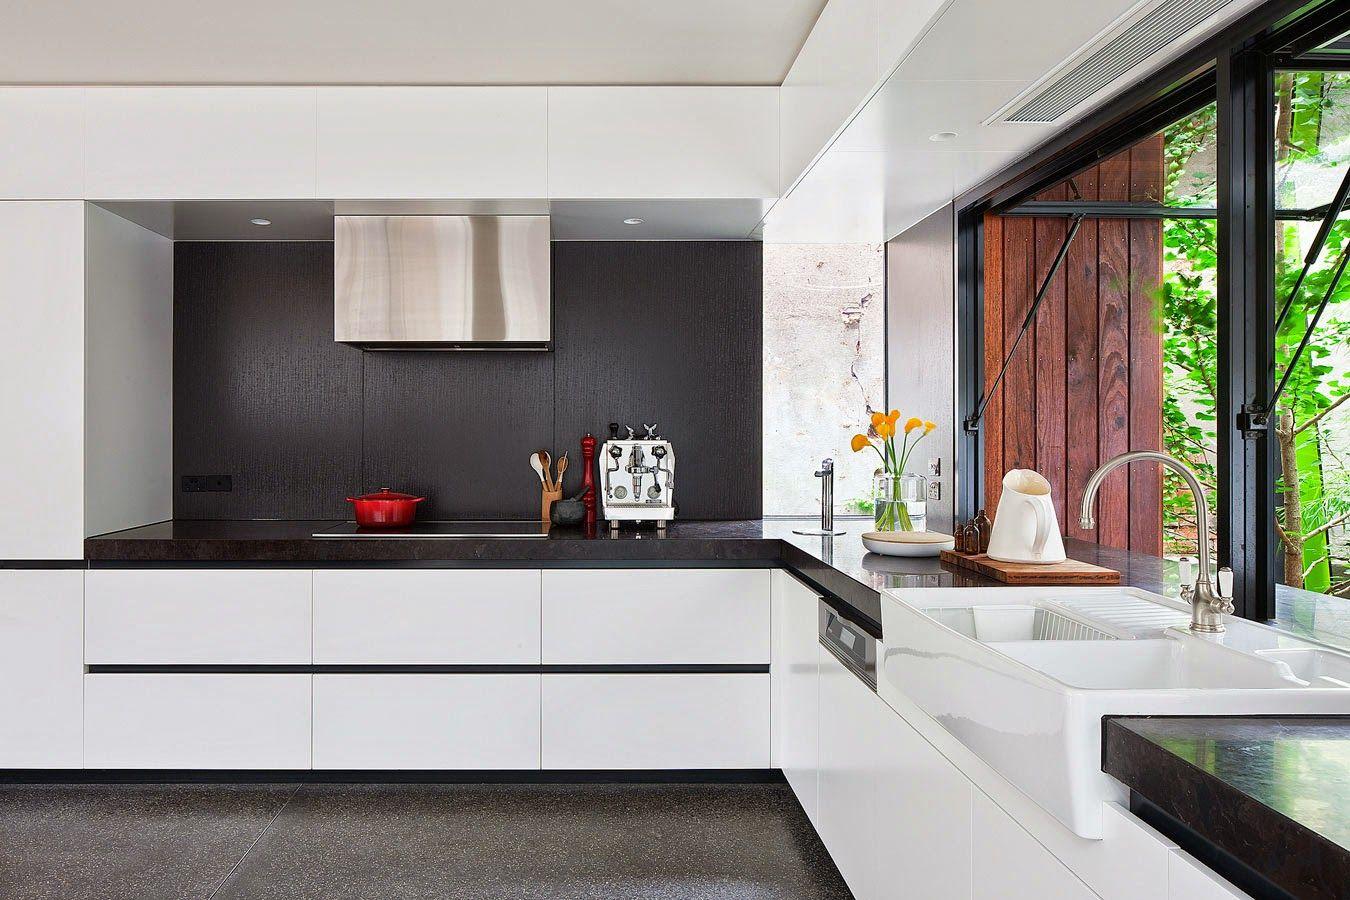 Increíble Mueble De Cocina Se Encarga De Melbourne Imágenes - Ideas ...